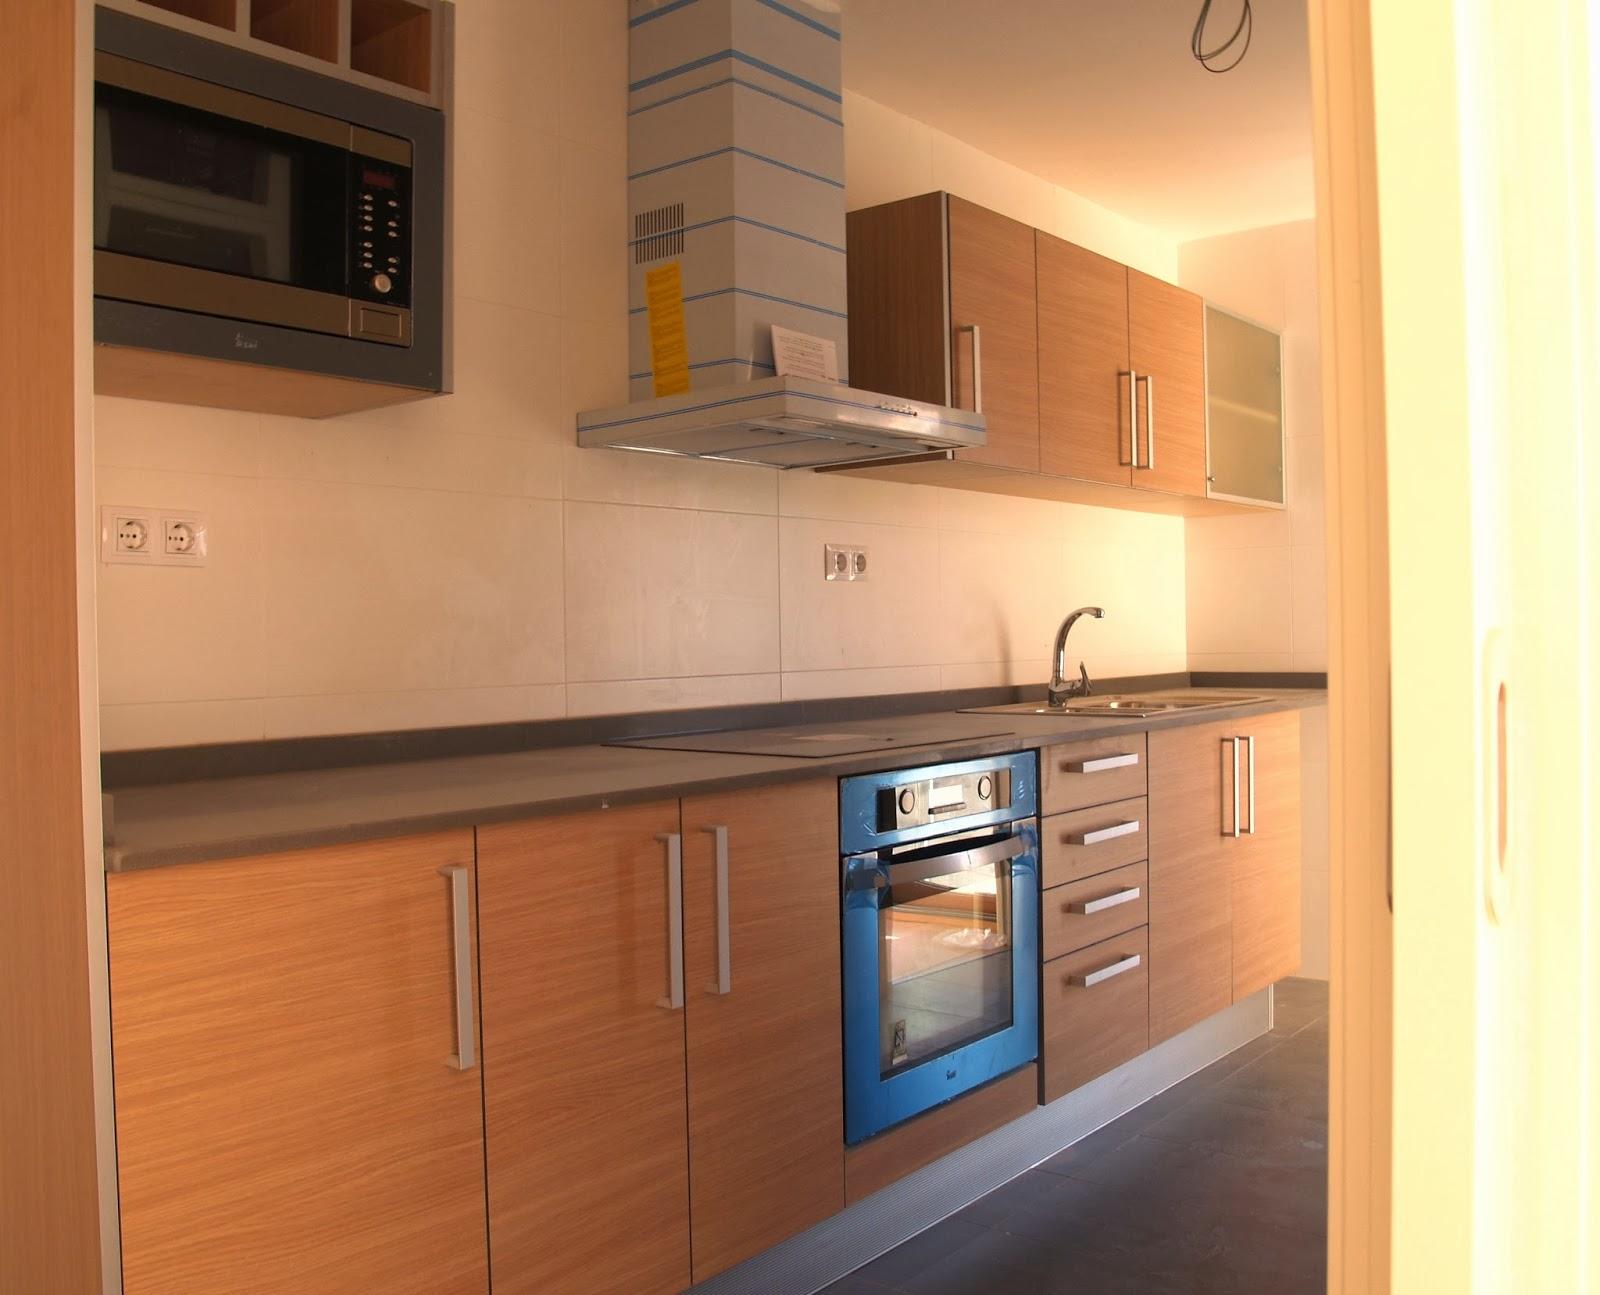 Kit oulet 2012 cocinas a medida a precio de outlet for Mobiliario de cocina precios